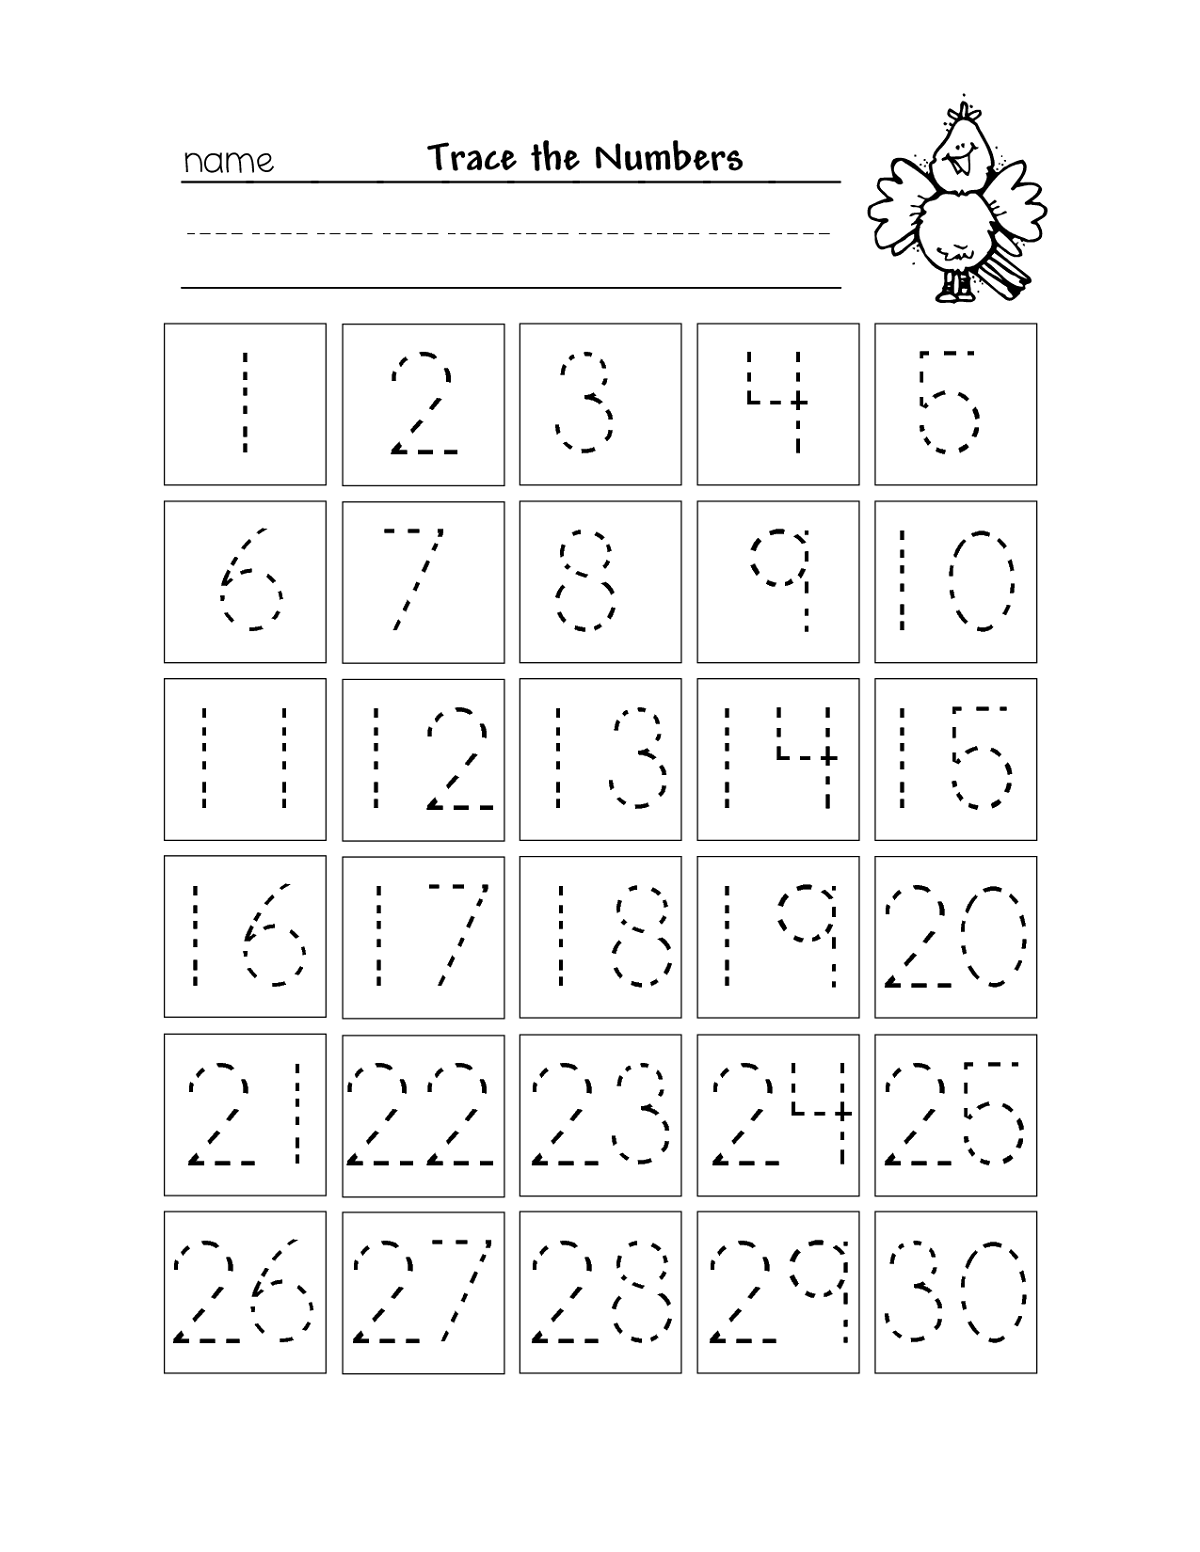 Worksheet ~ Free Printable Tracing Worksheets Numbers For